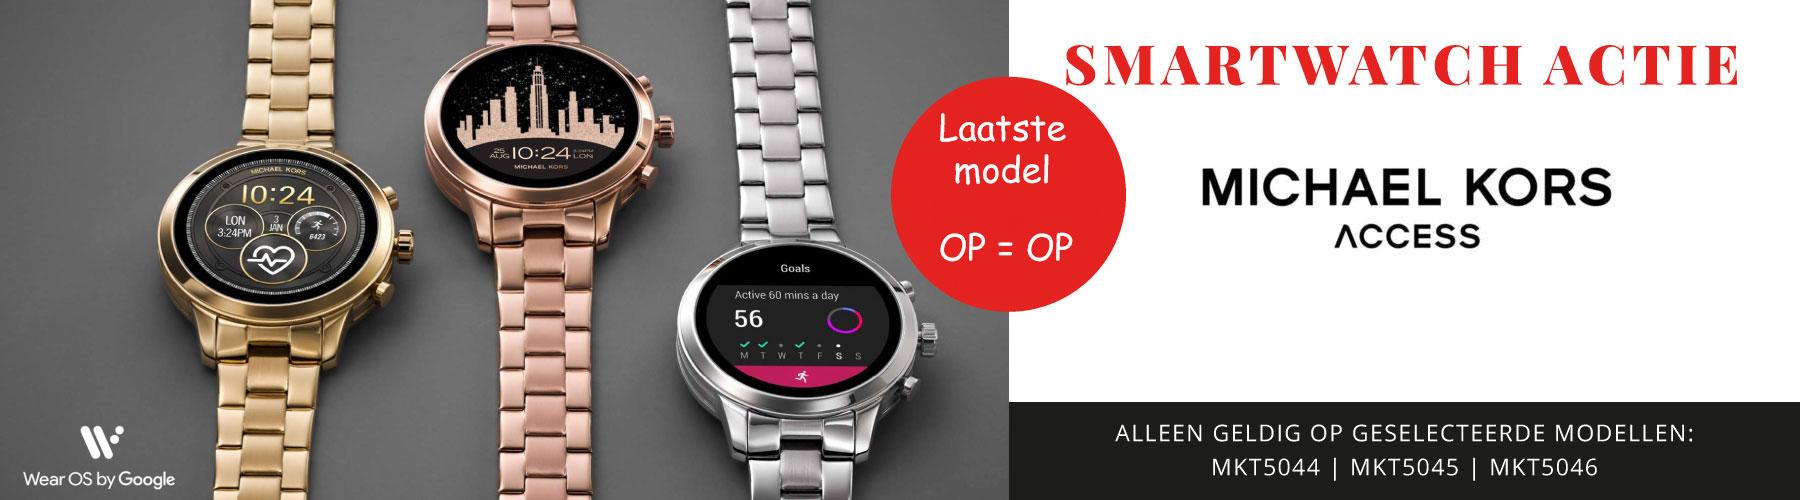 Micheal Kors Smartwatch actie shop nu bij Wolters Juweliers Coevorden Emmen